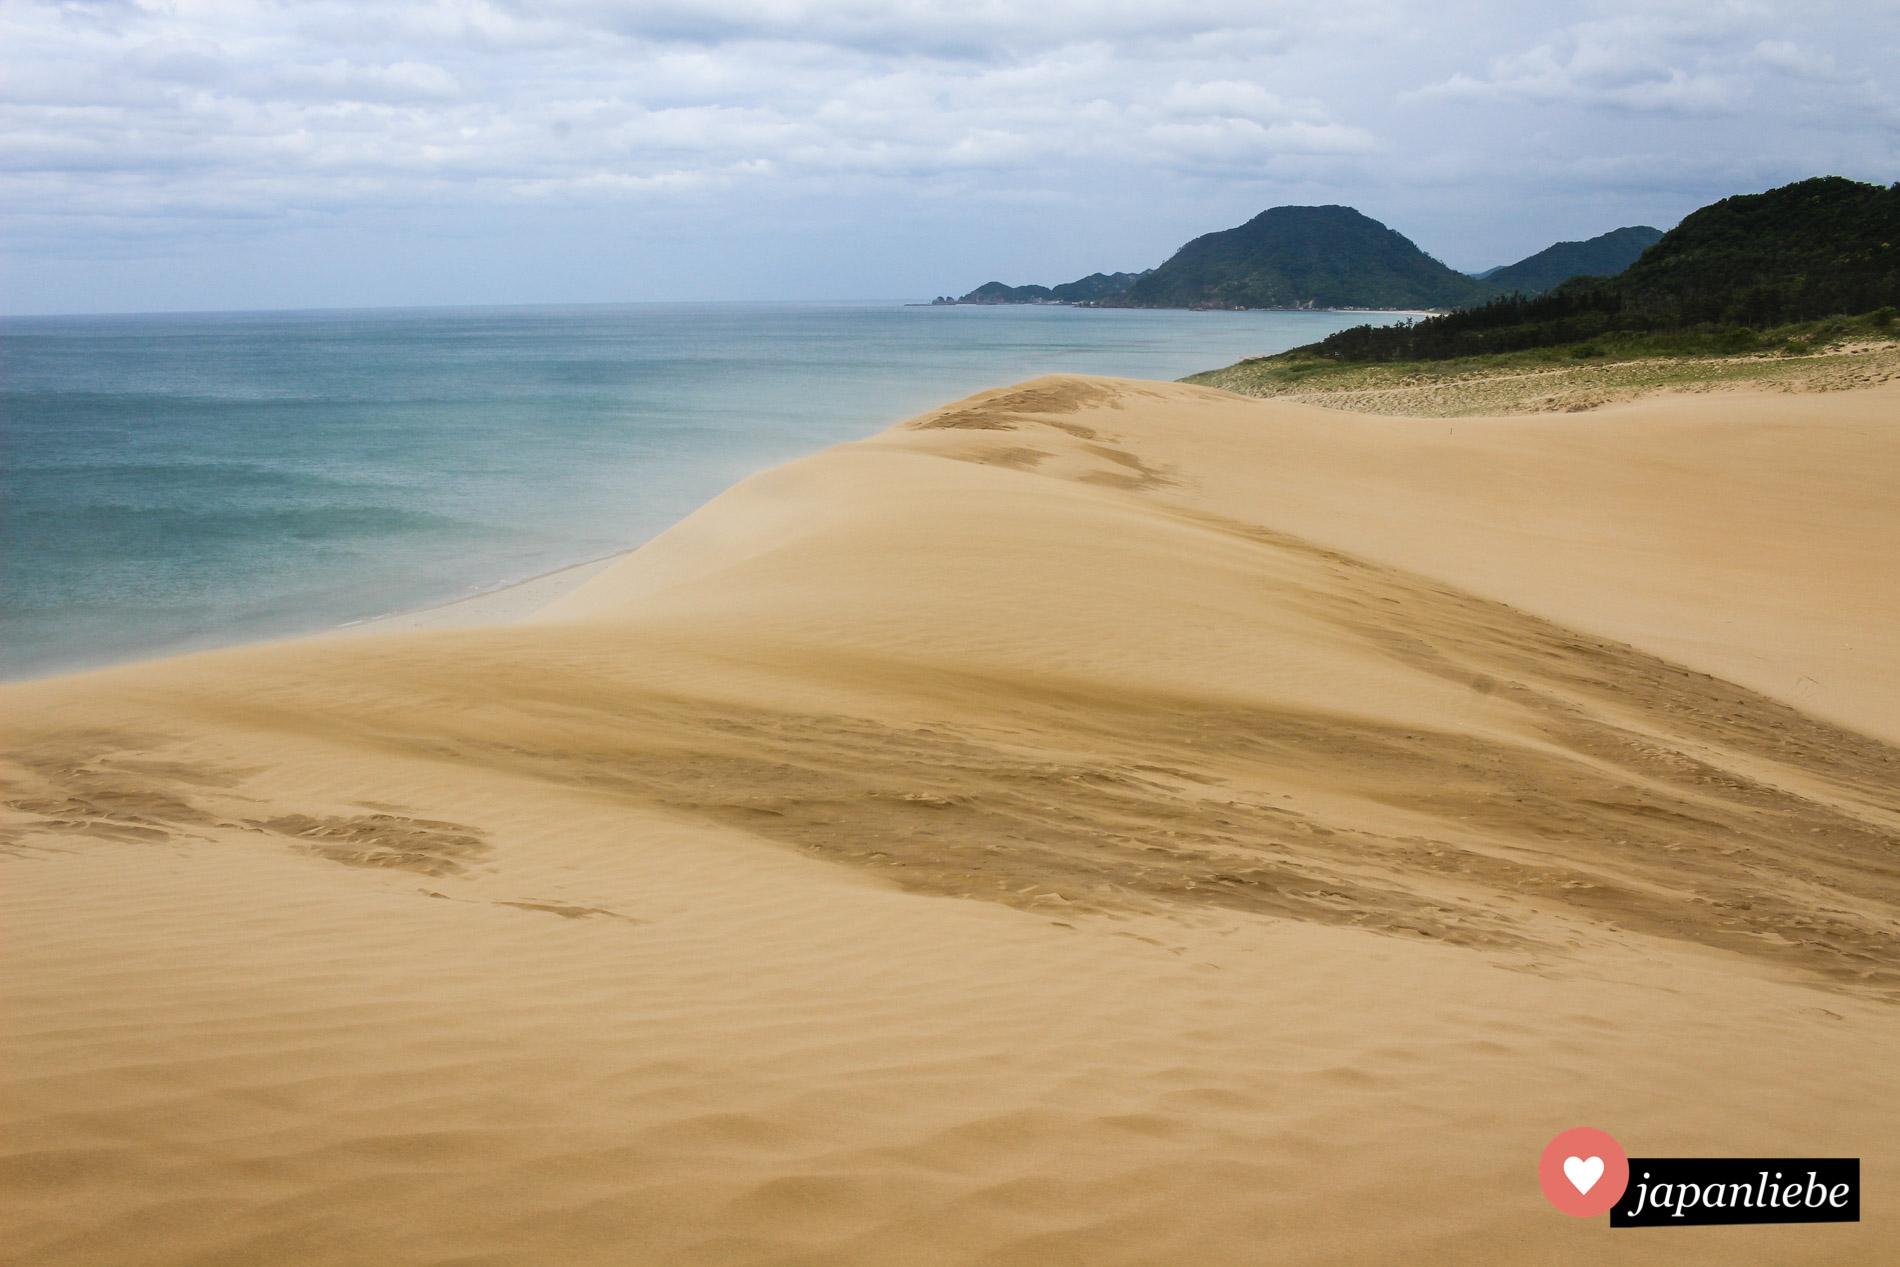 Überraschender Anblick: ein kleines Stück wüste am Meer. Und das in Japan!